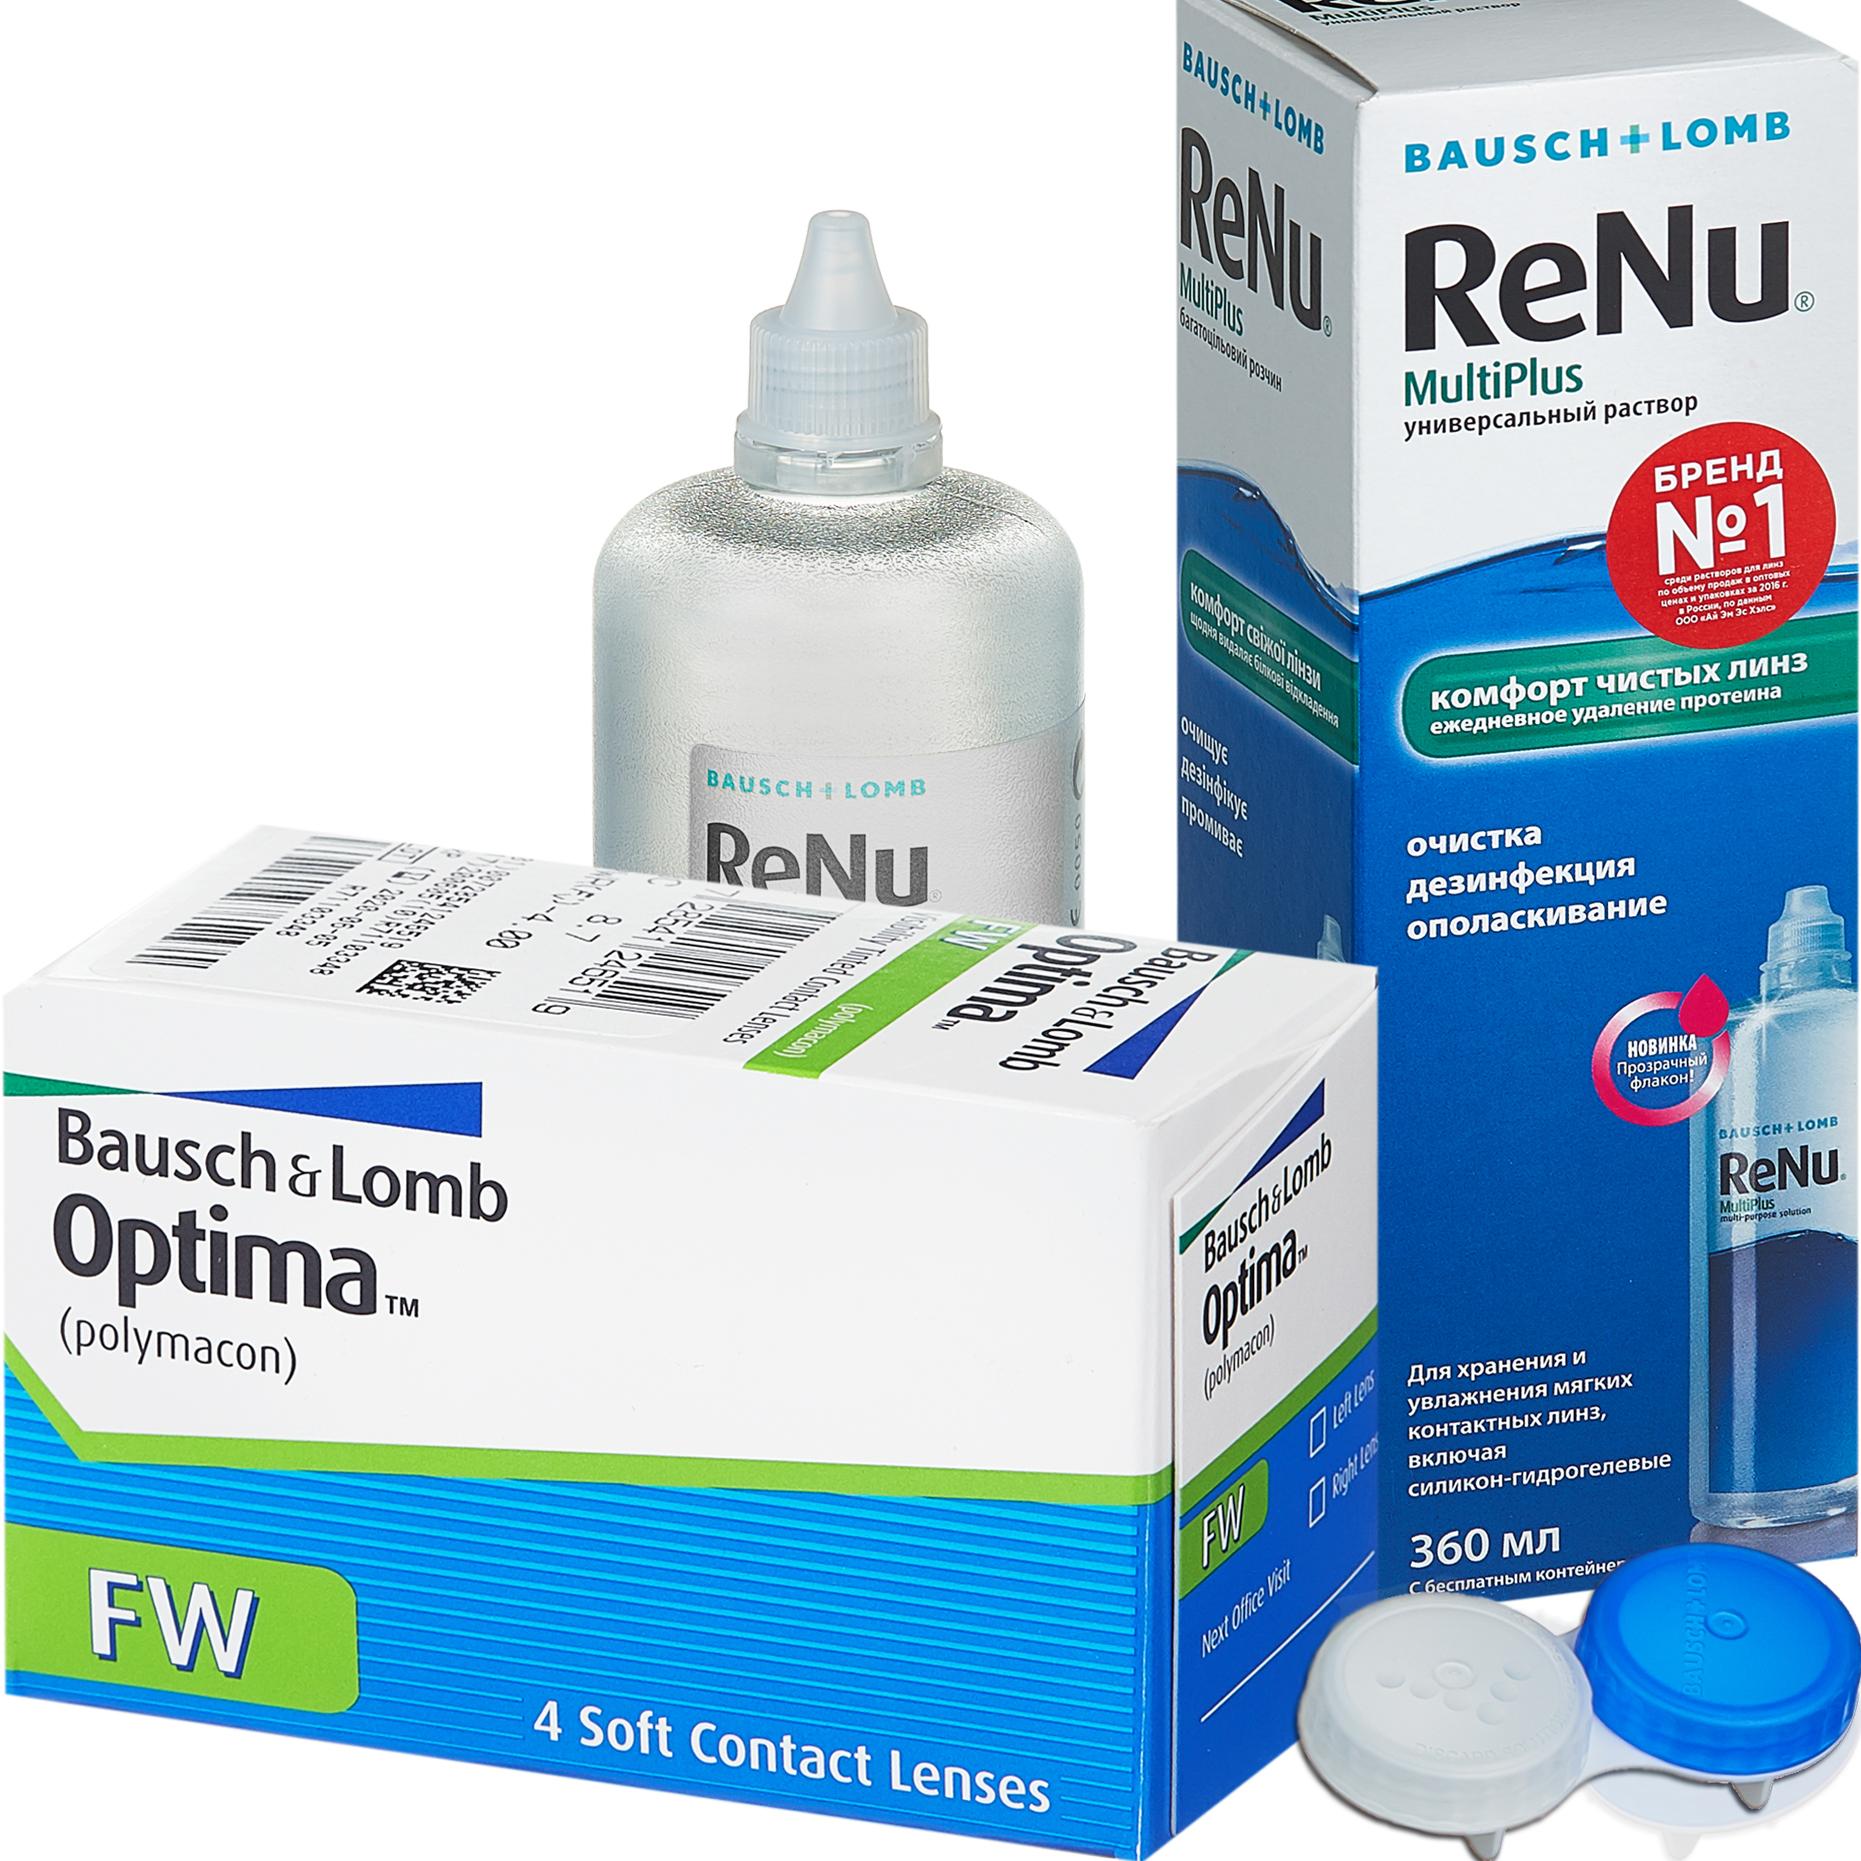 Купить Optima FW 4 линзы + ReNu MultiPlus, Контактные линзы Optima FW 4 линзы R 8.7 -7, 50 + Раствор ReNu Multi Plus 360 мл